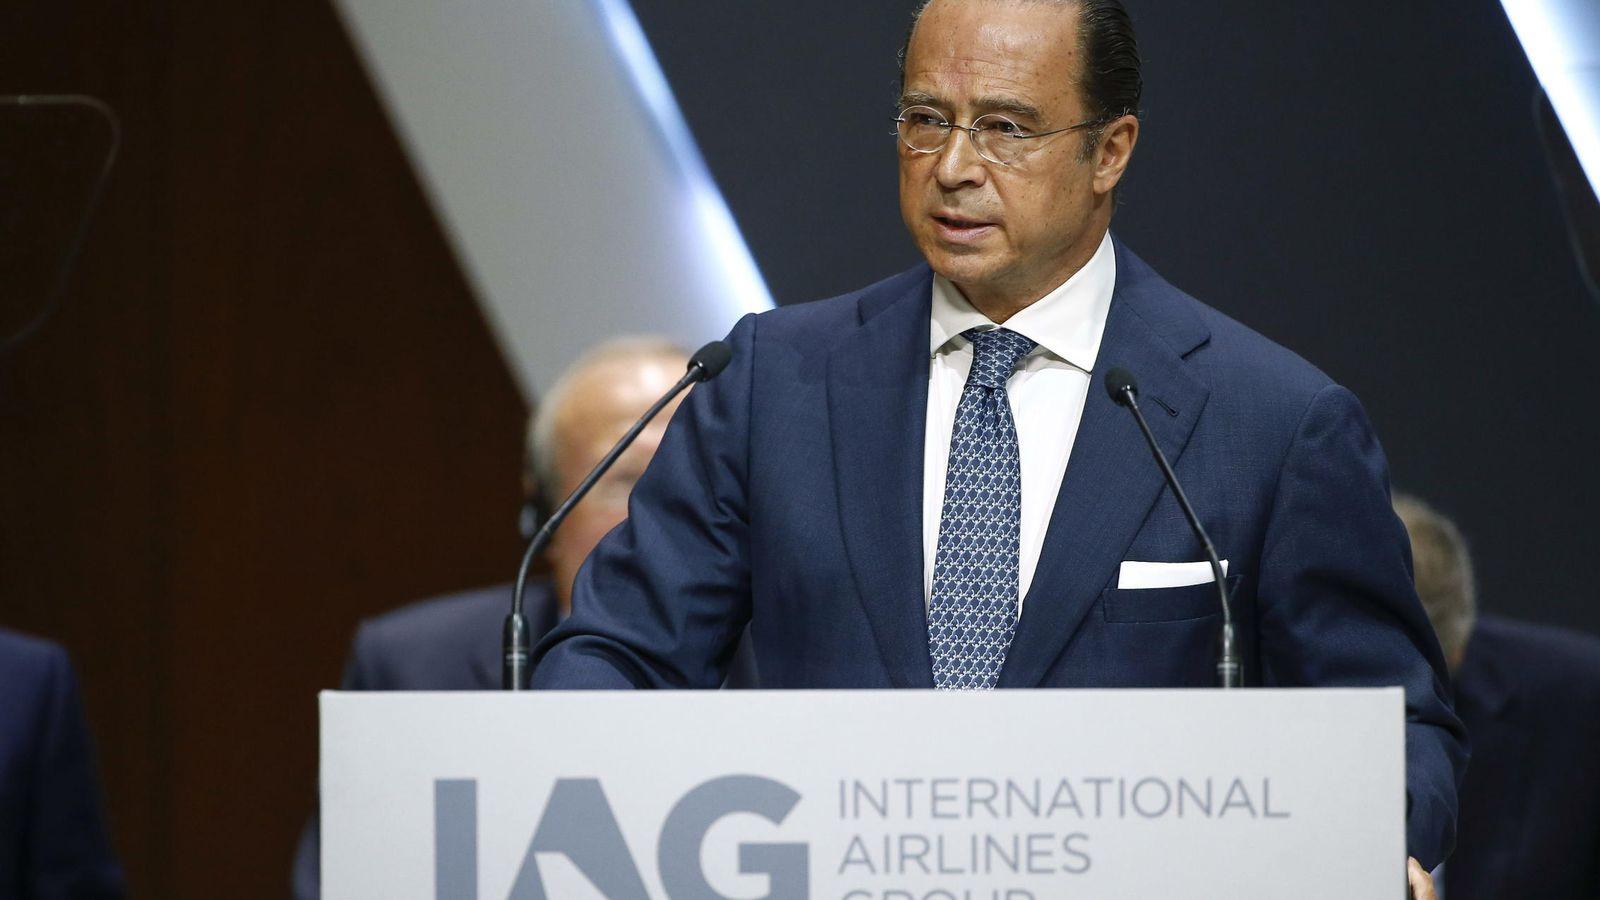 Foto: Antonio Vázquez, durante la junta general de accionistas de IAG en junio pasado. (EFE)